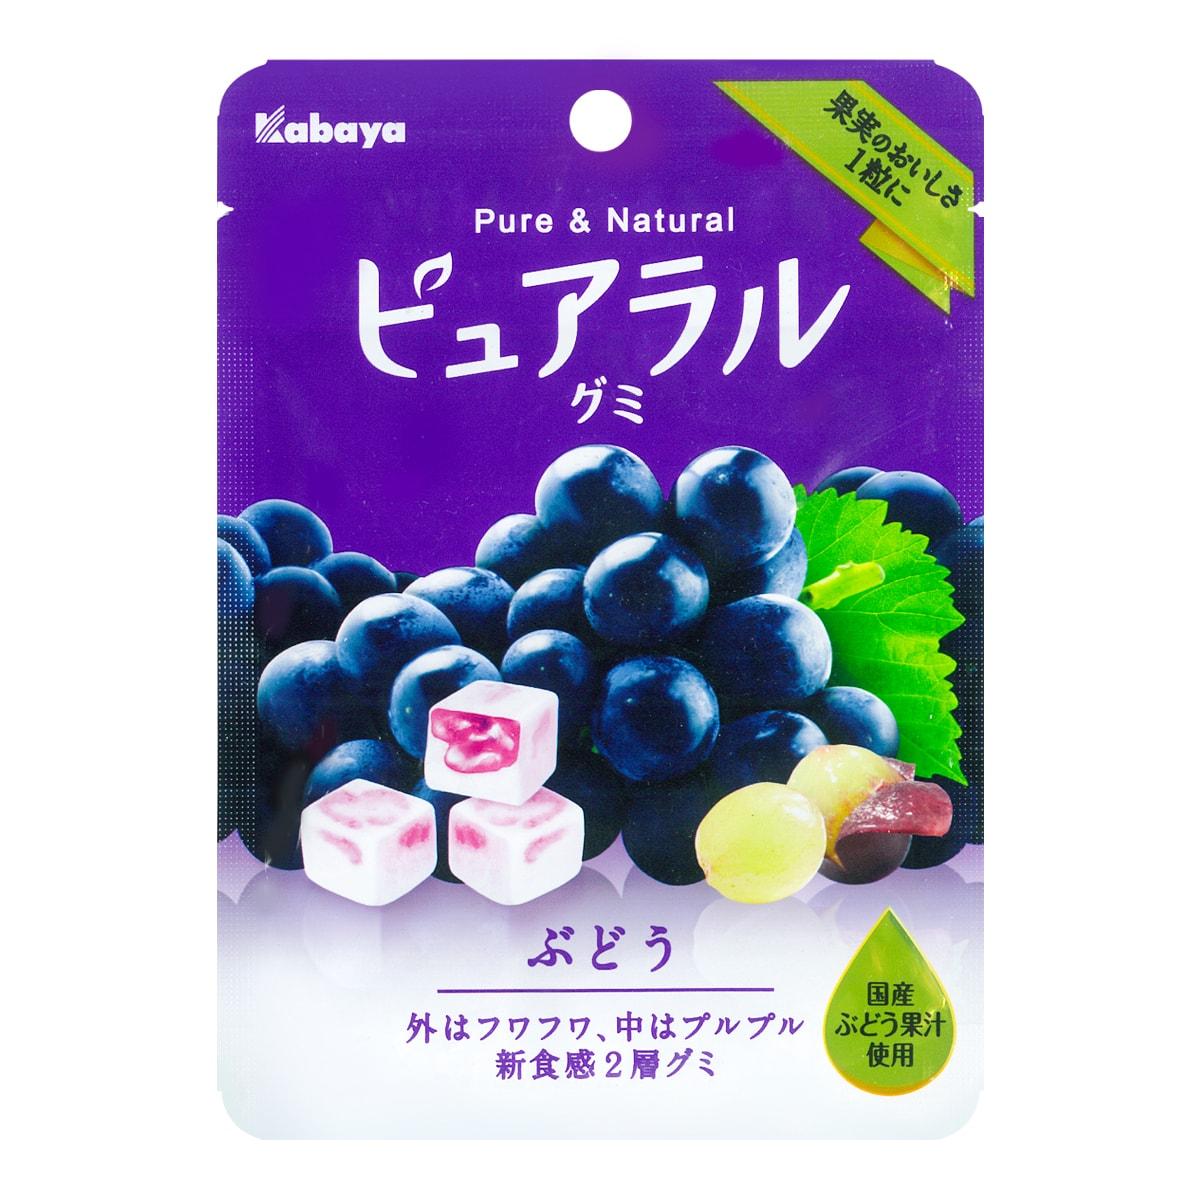 日本KABAYA 巨峰果汁夹心QQ软糖 葡萄味 45g